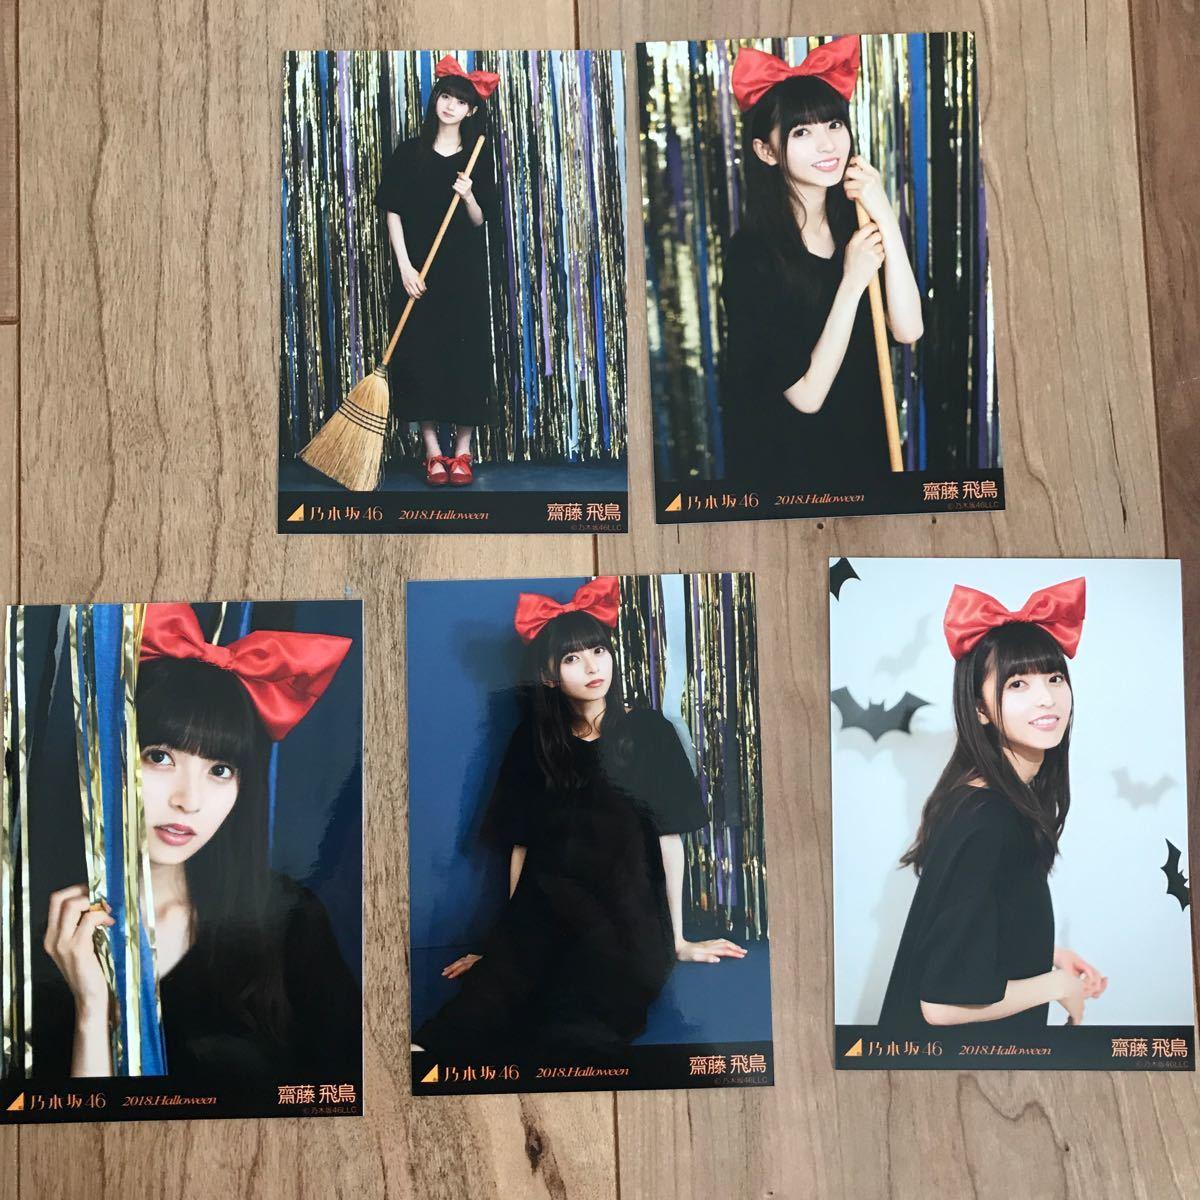 乃木坂46 齋藤飛鳥 2018ハロウィン 生写真 5枚 コンプ